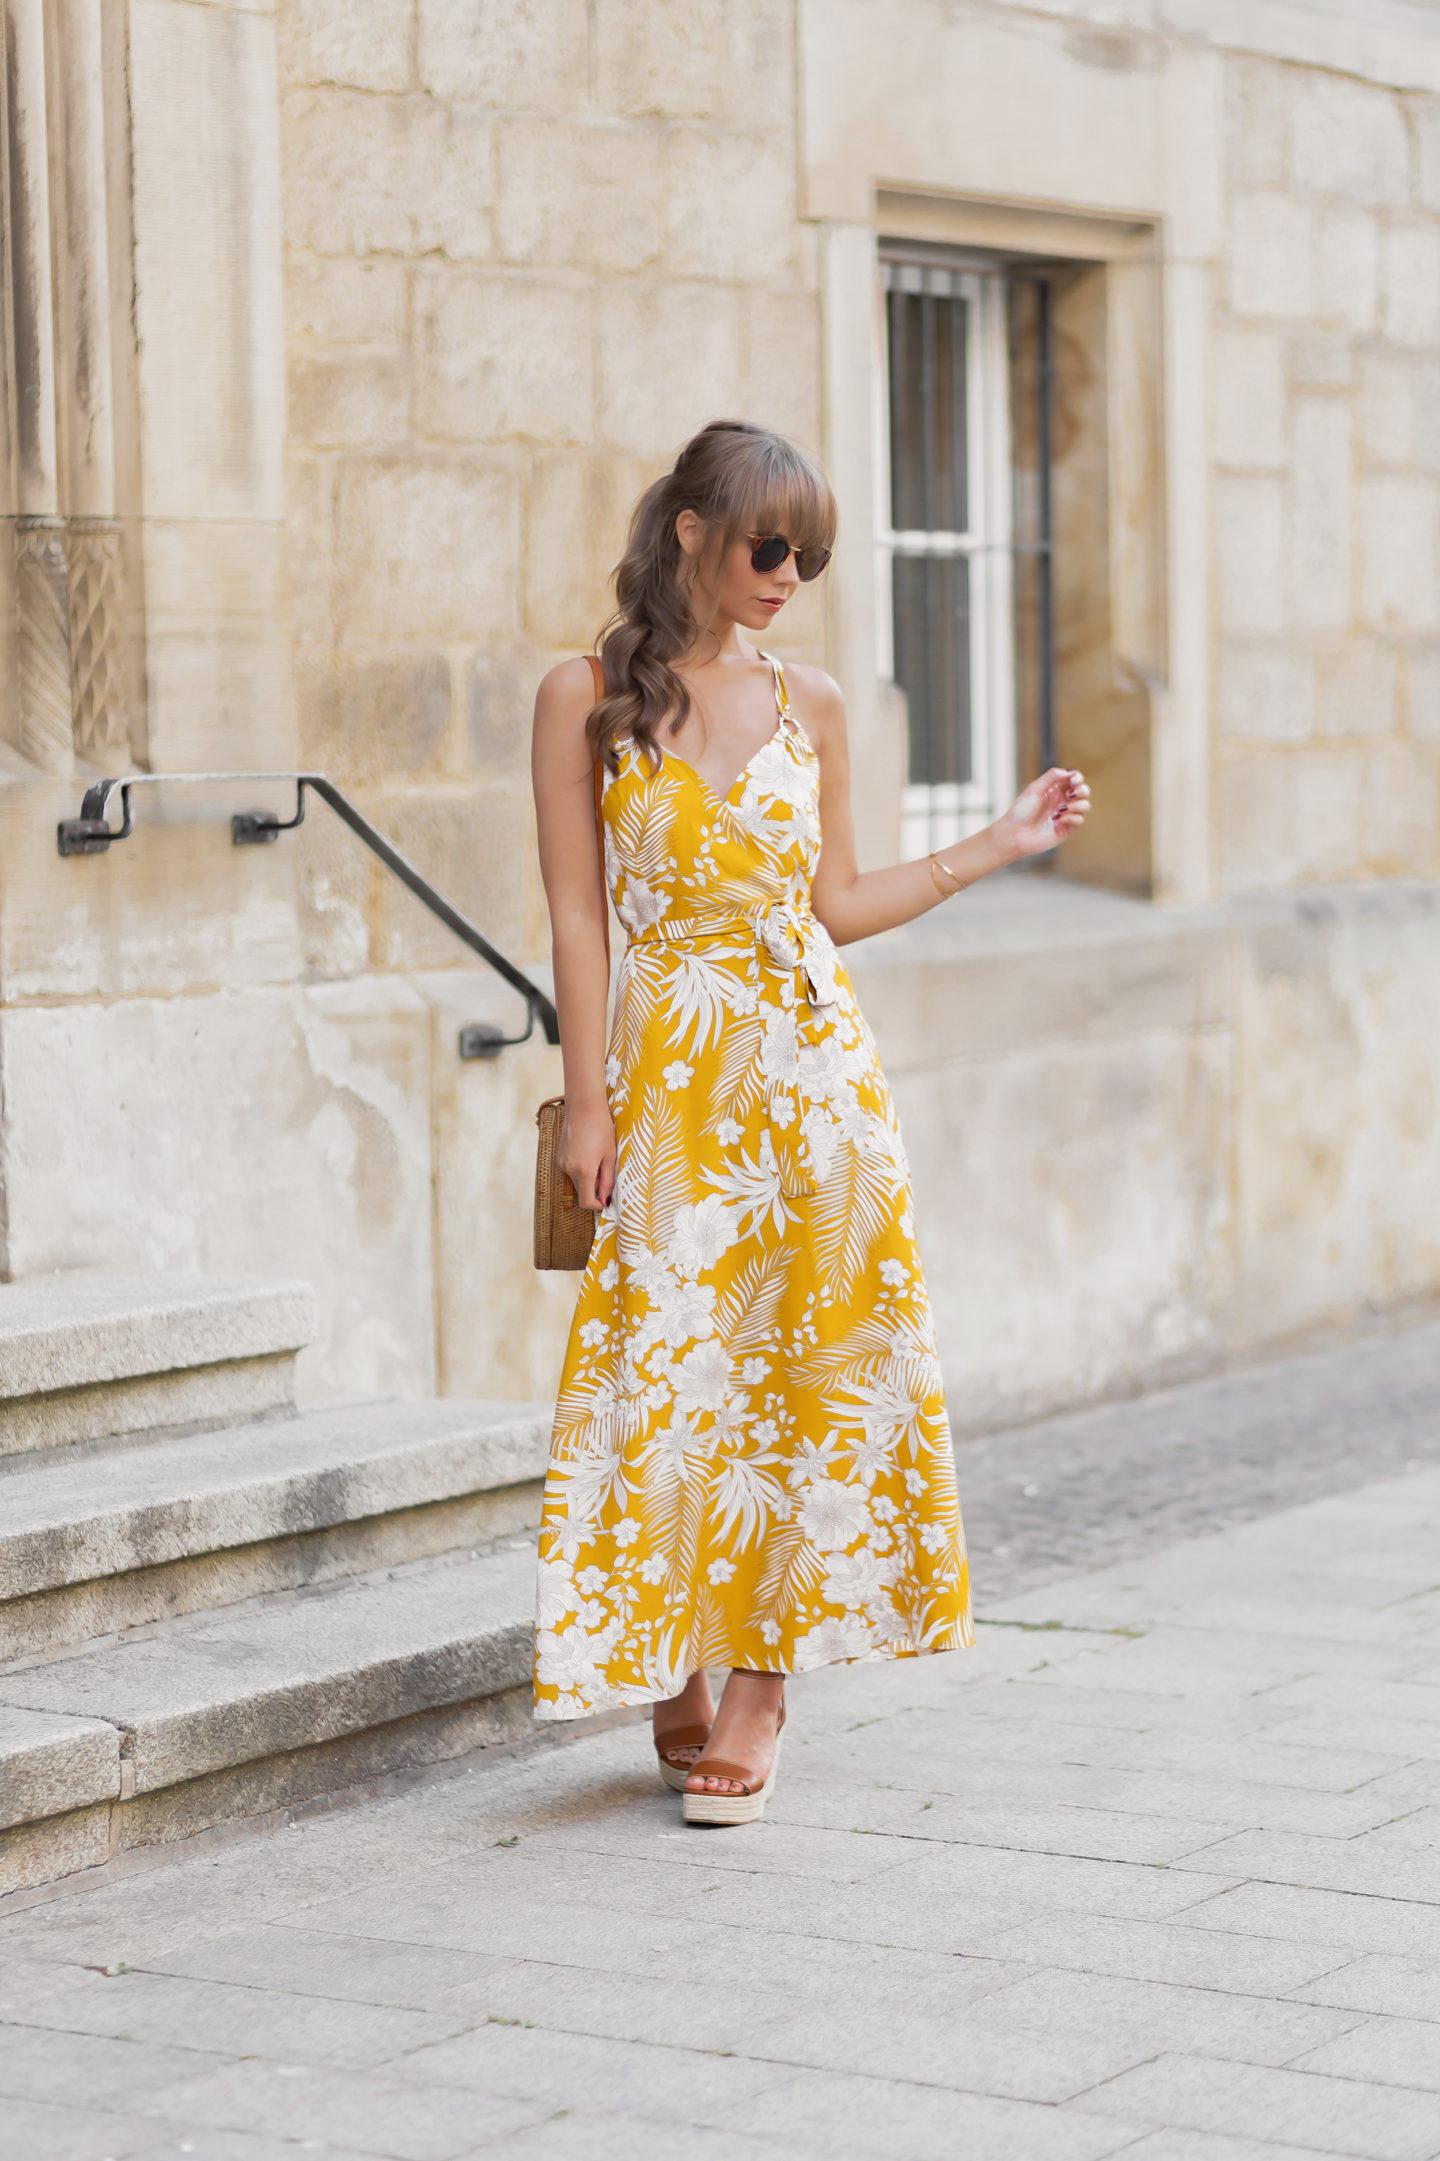 Styling Tipps für Maxikleider im Sommer, Maxikleider Trends 2020, Welches Maxikleid passt zu meiner Figur?, gelbes Kleid, Kleid mit Blumenmuster, bezauberndenana.de